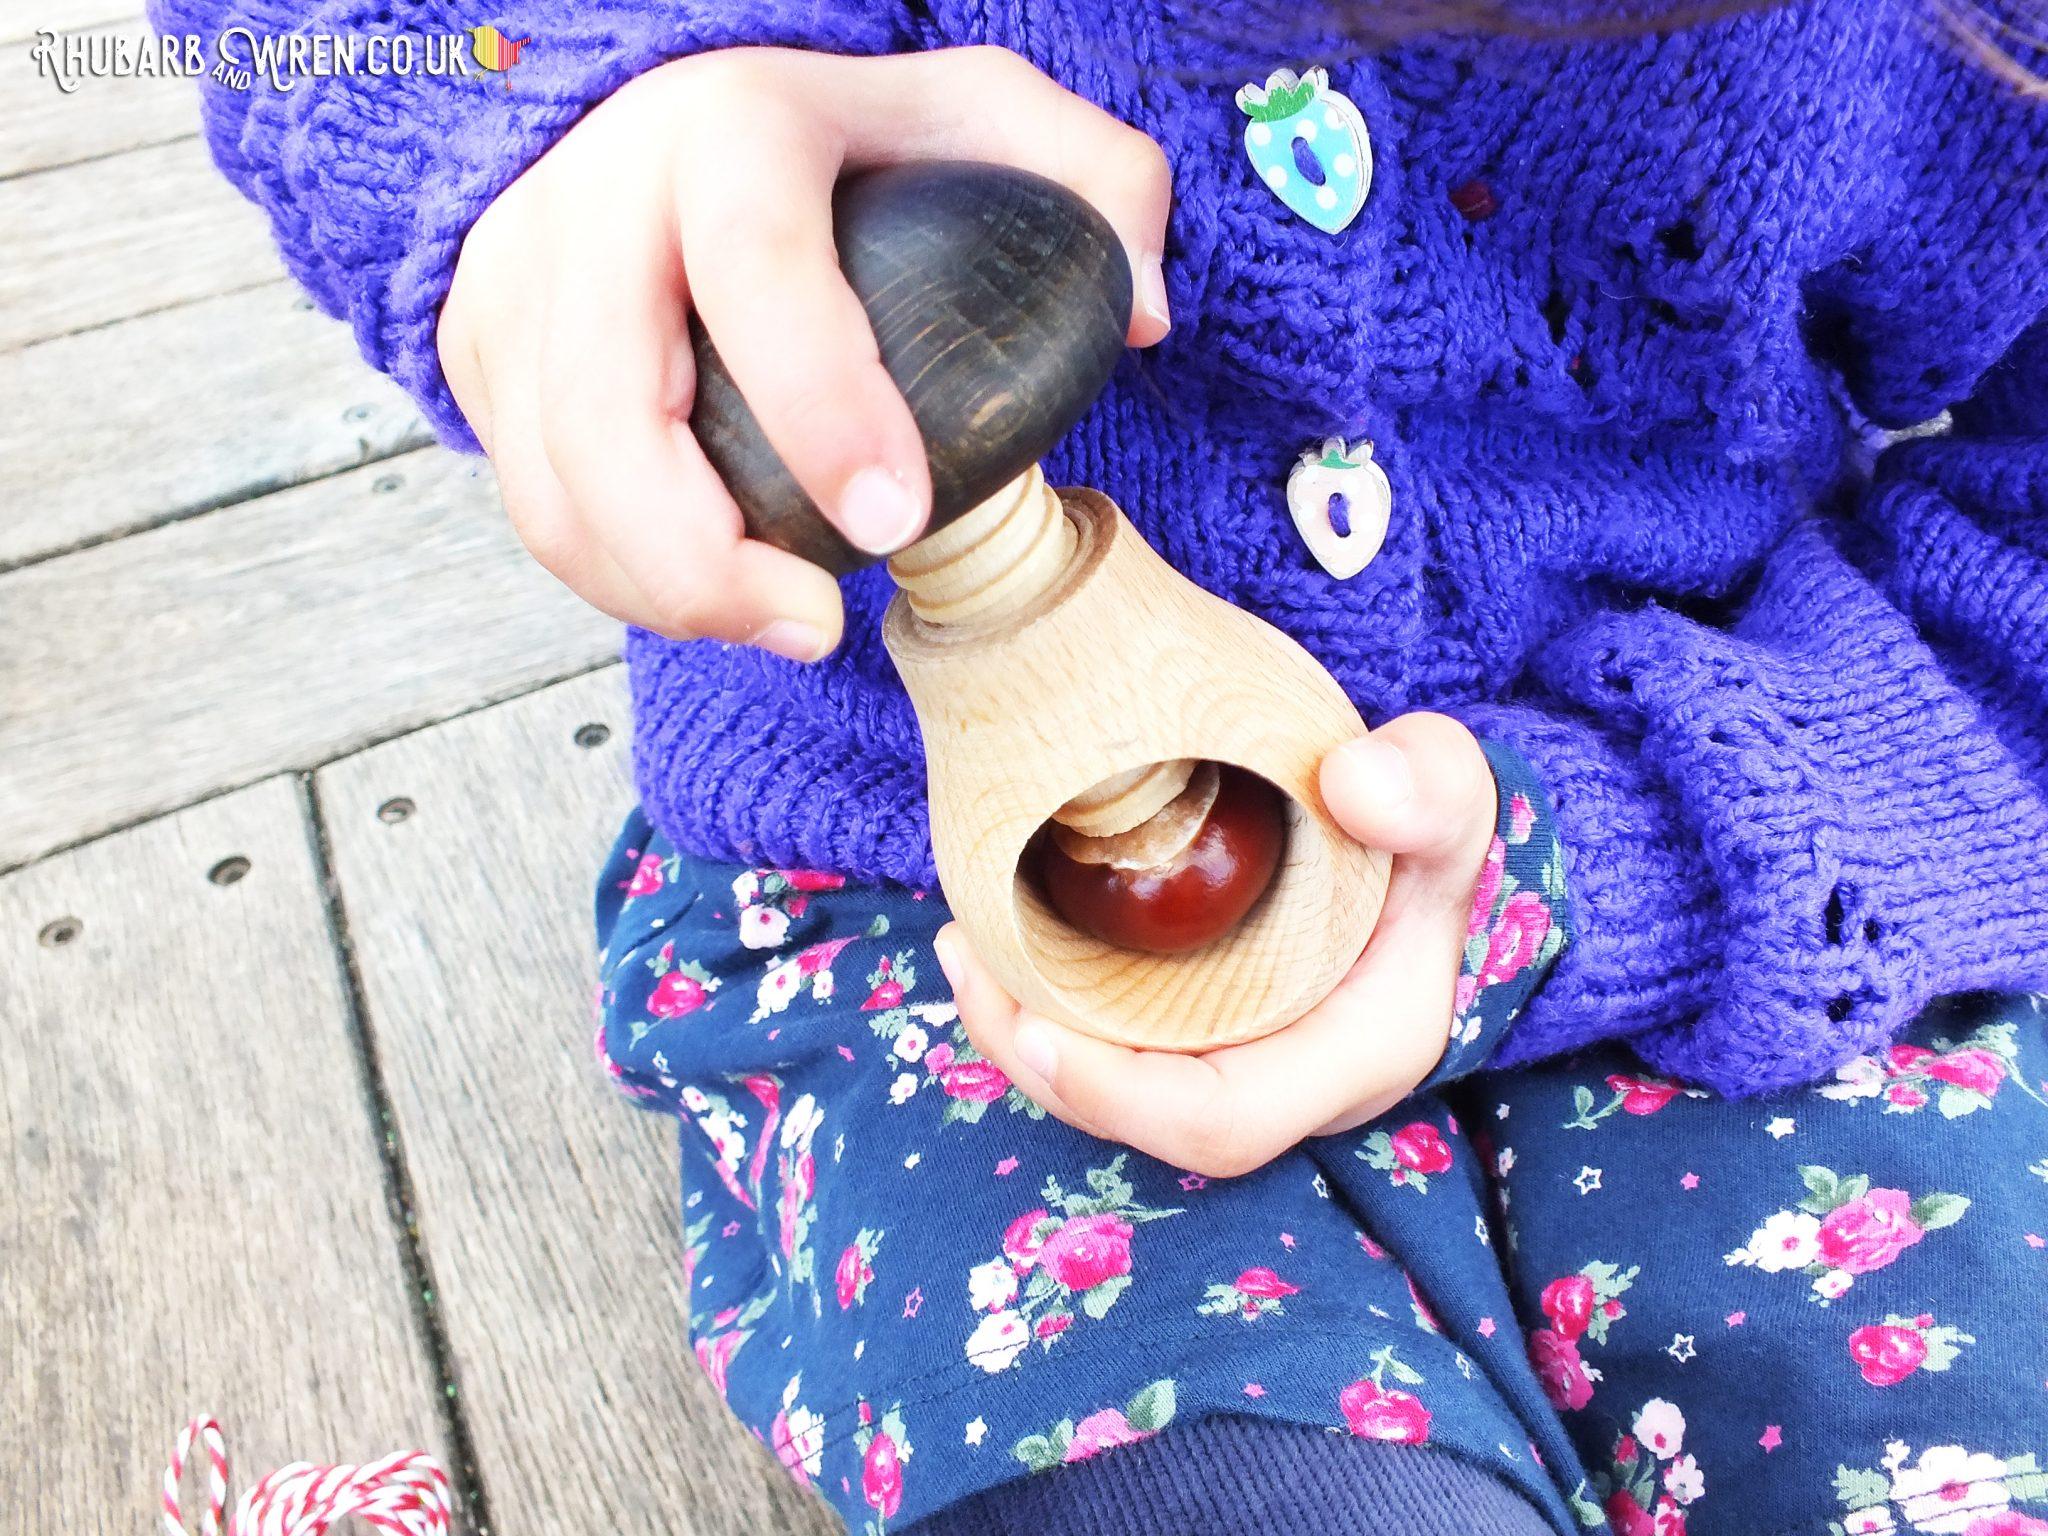 Girl holding conker held in nutcracker ready for drilling